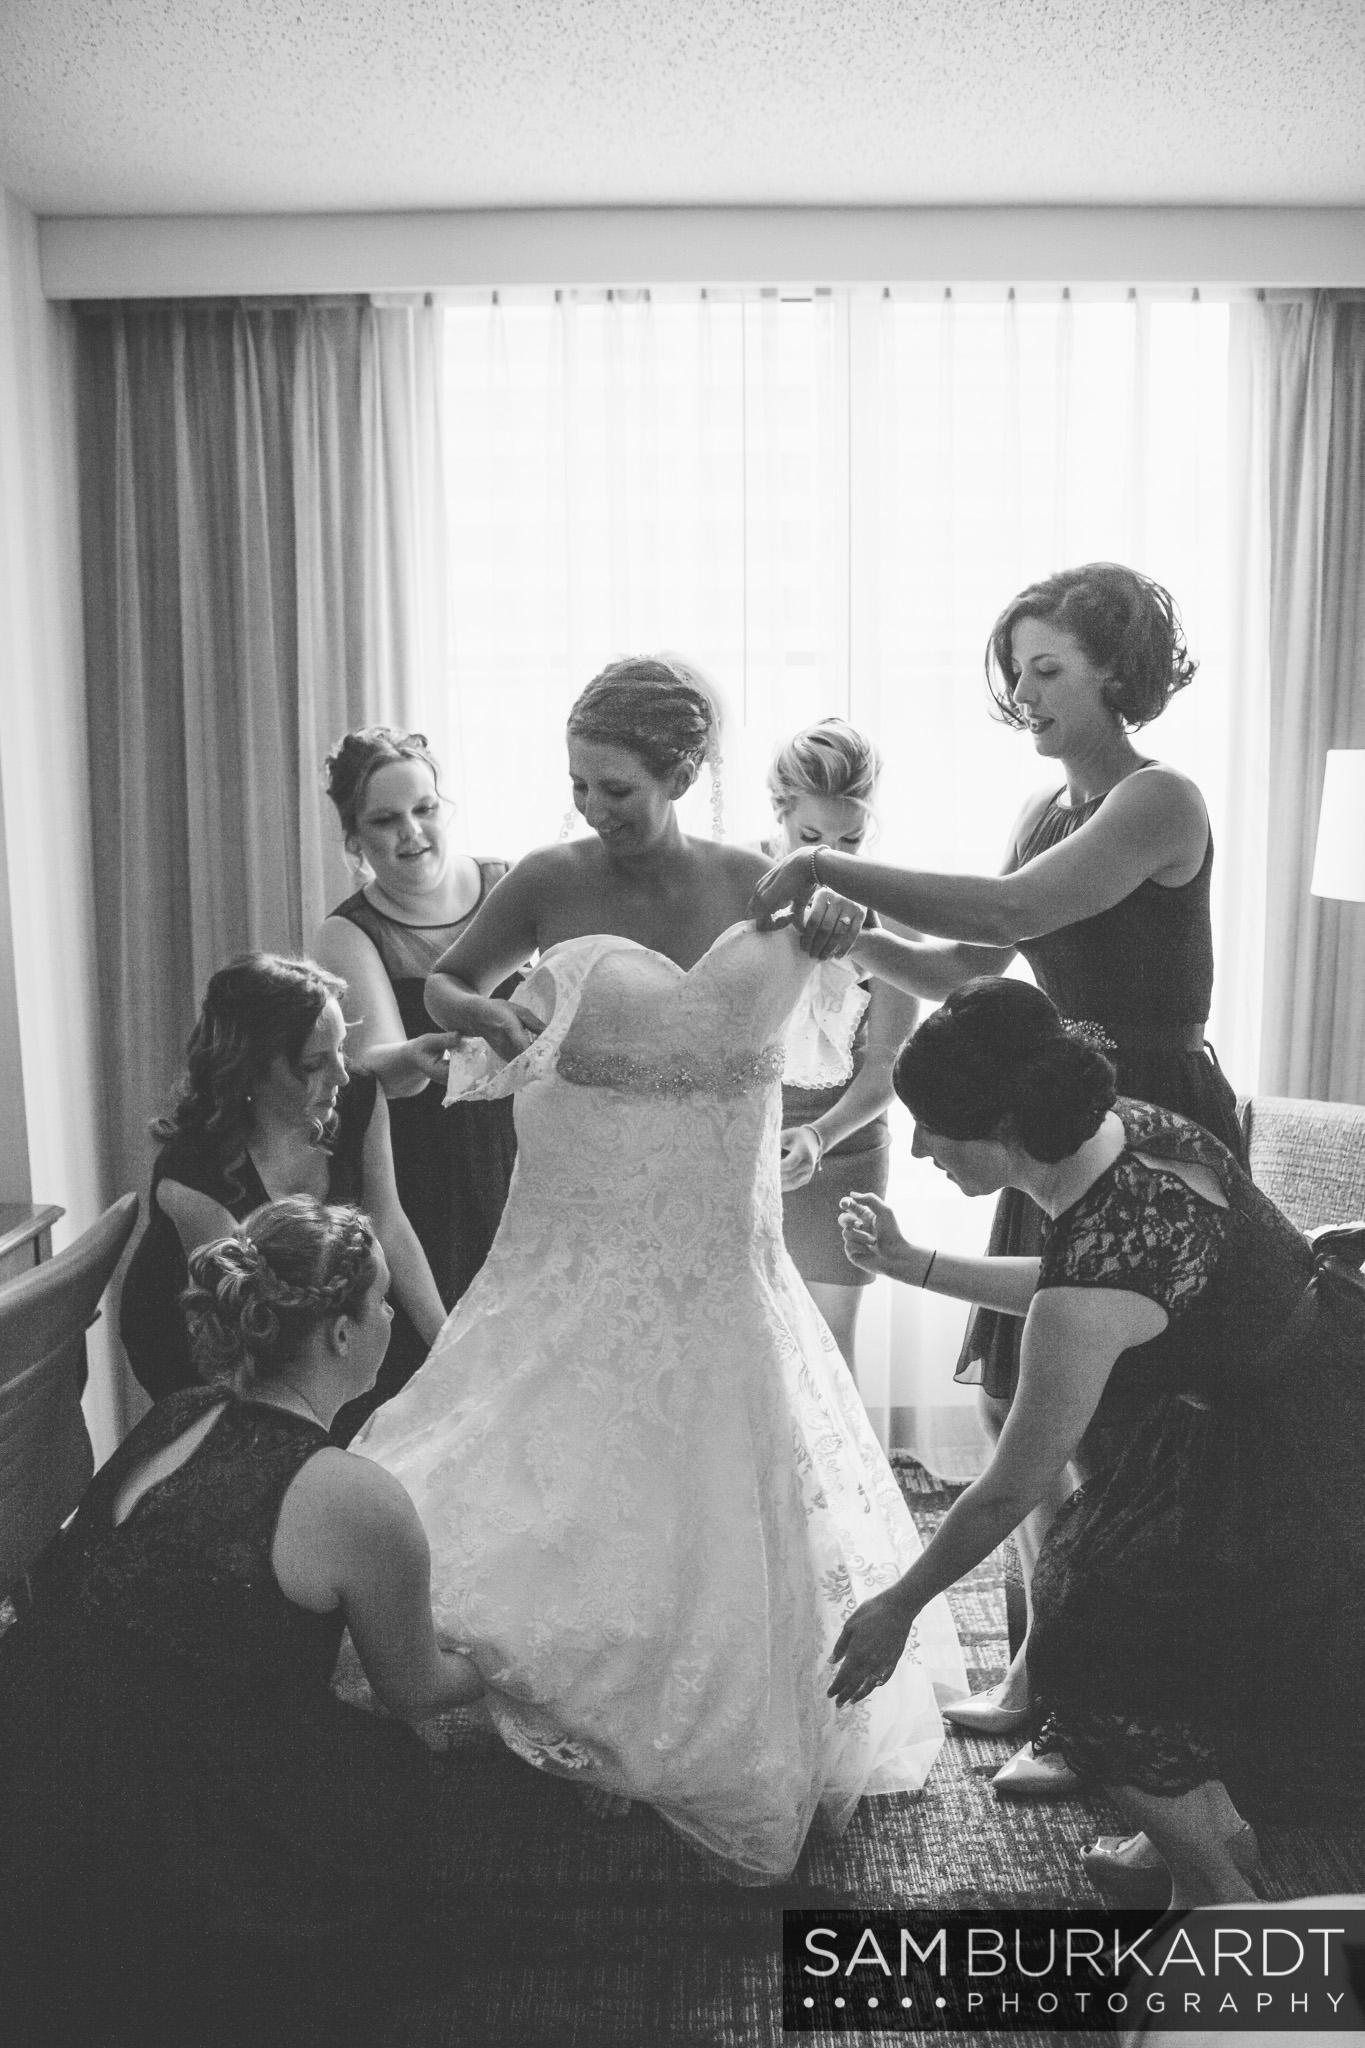 samburkardt_pond_house_hartford_wedding_fall_0014.jpg